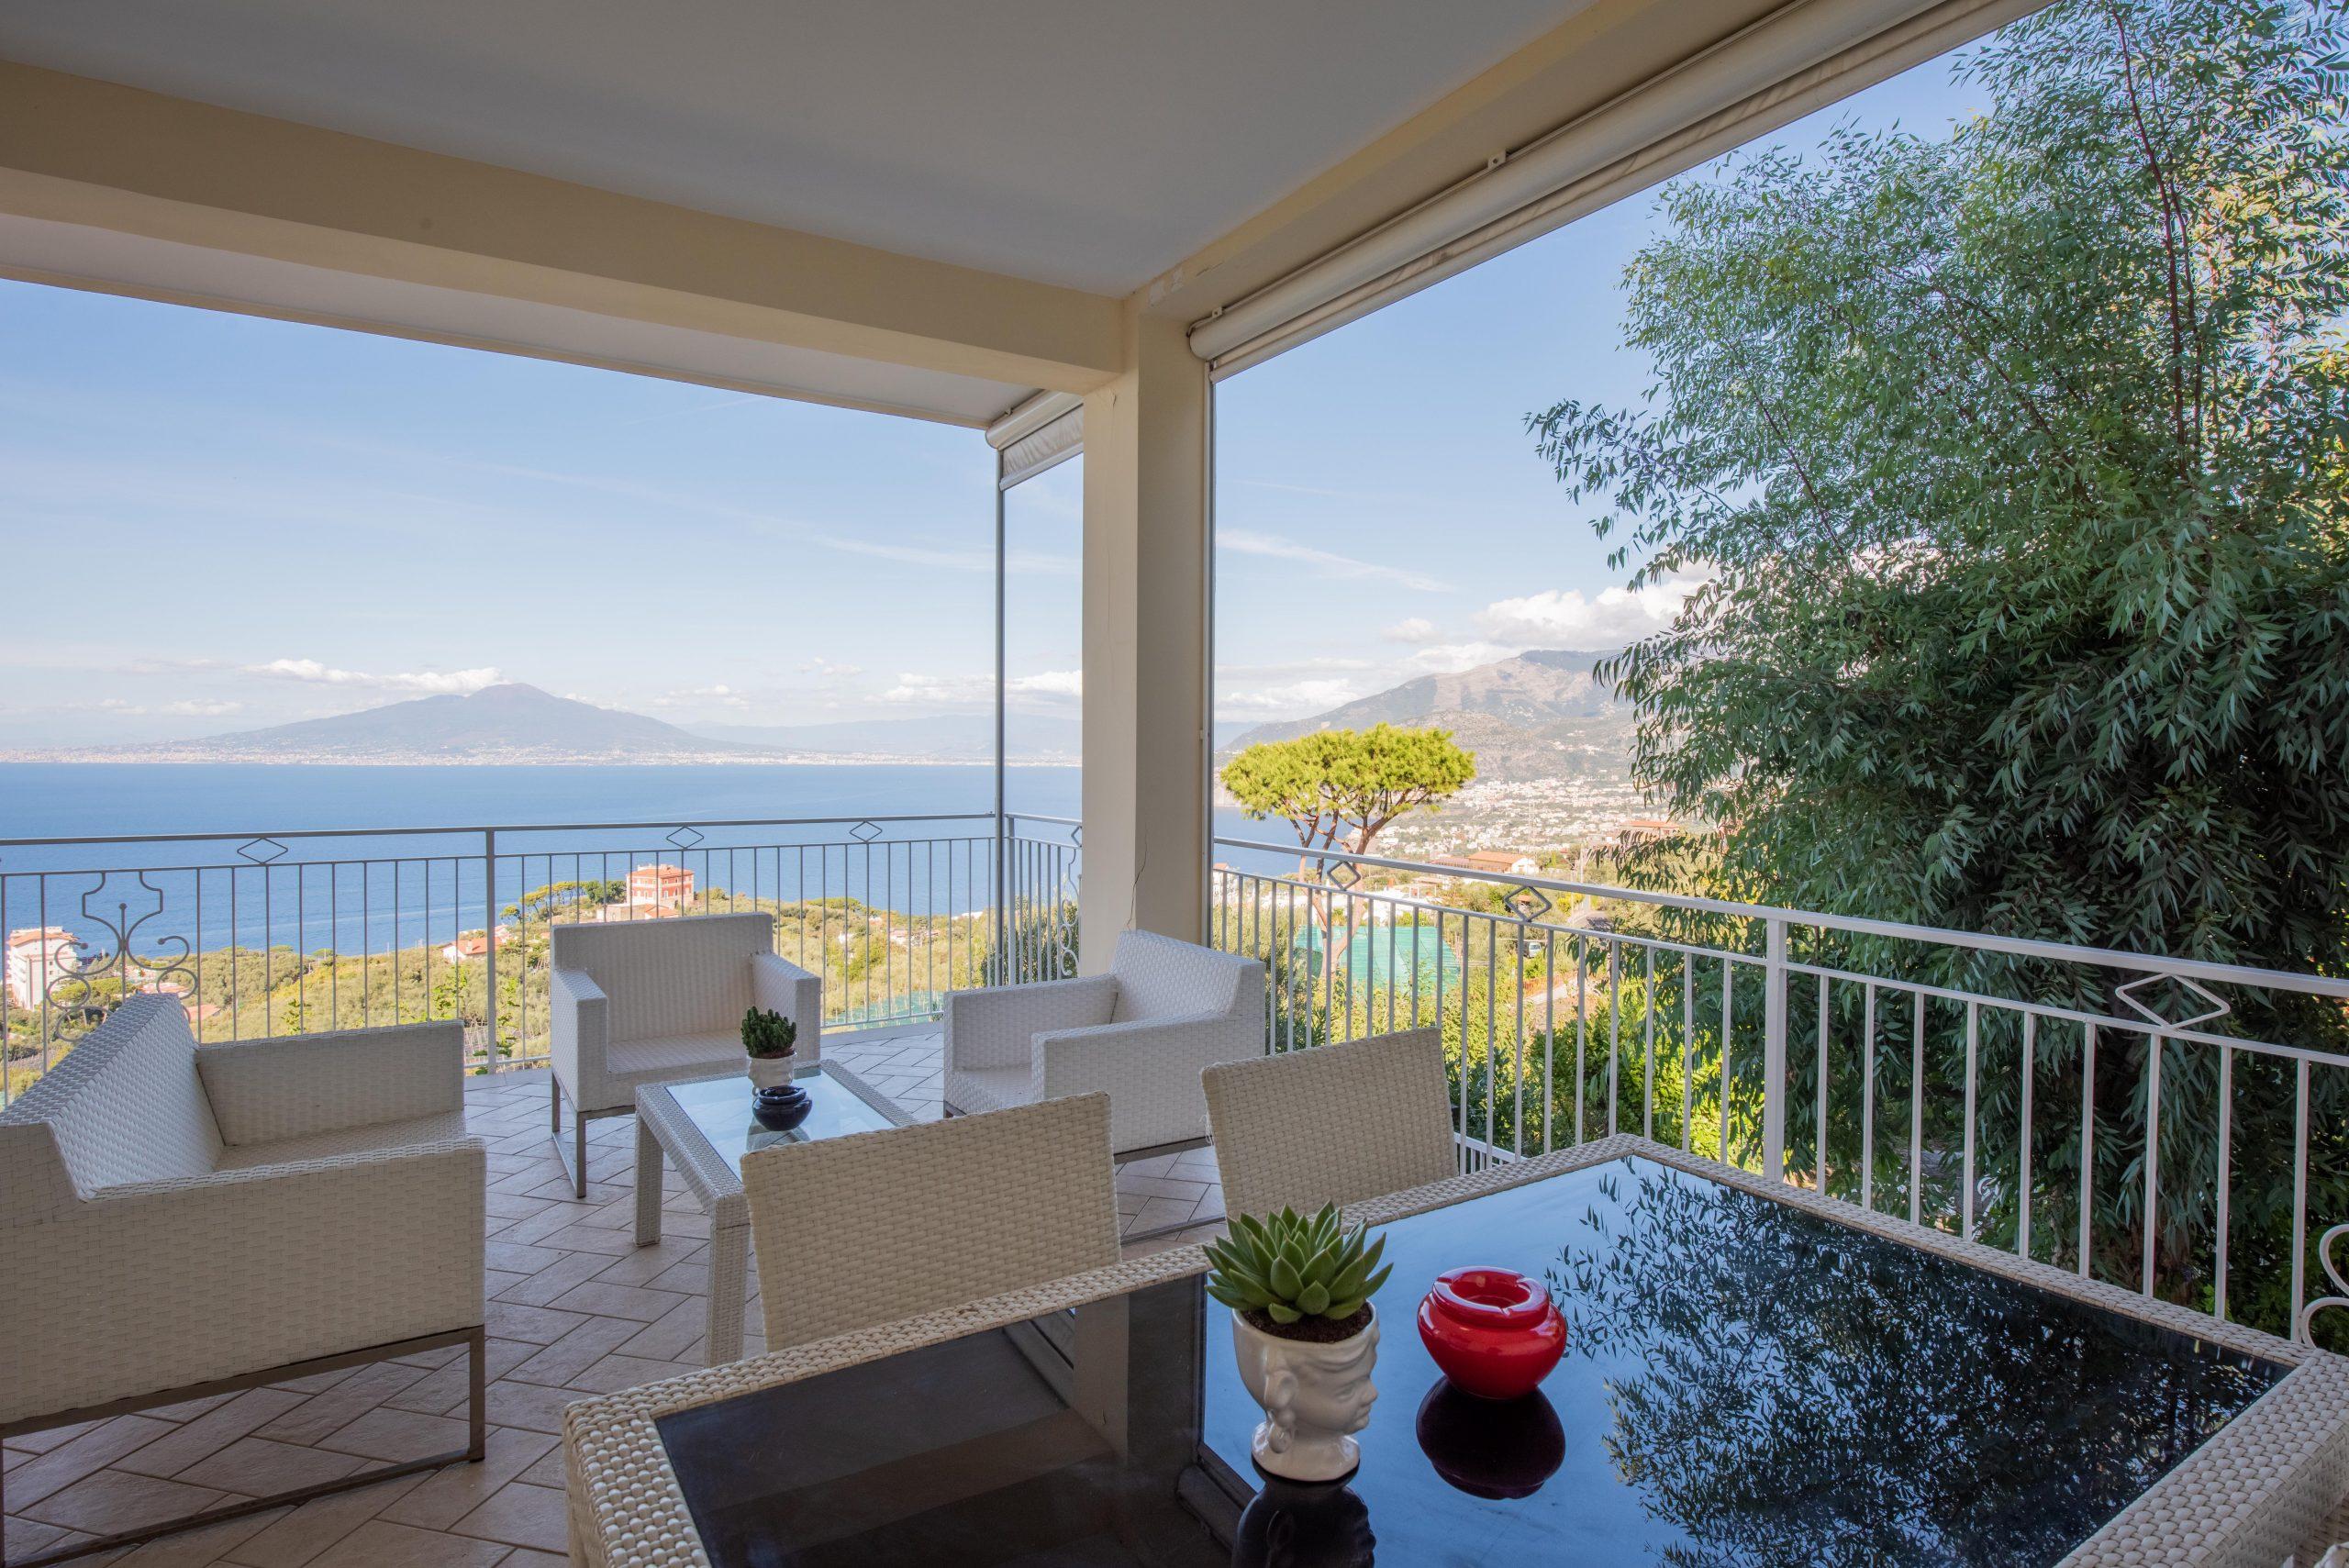 Villa Acampora Sorrento Sea View